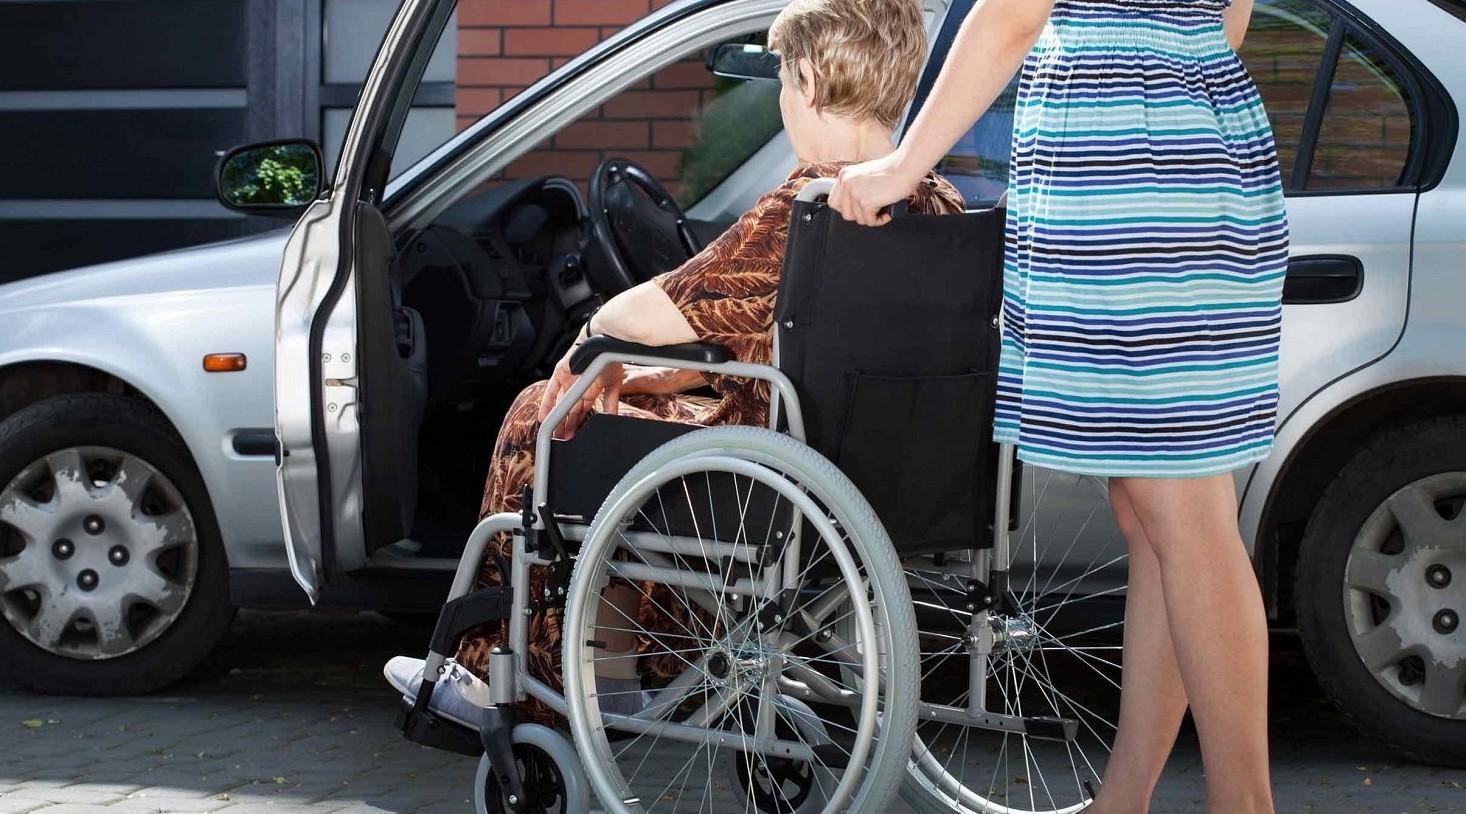 Pensione anticipata per invalidità civile 2020, requisiti e come fare domanda INPS